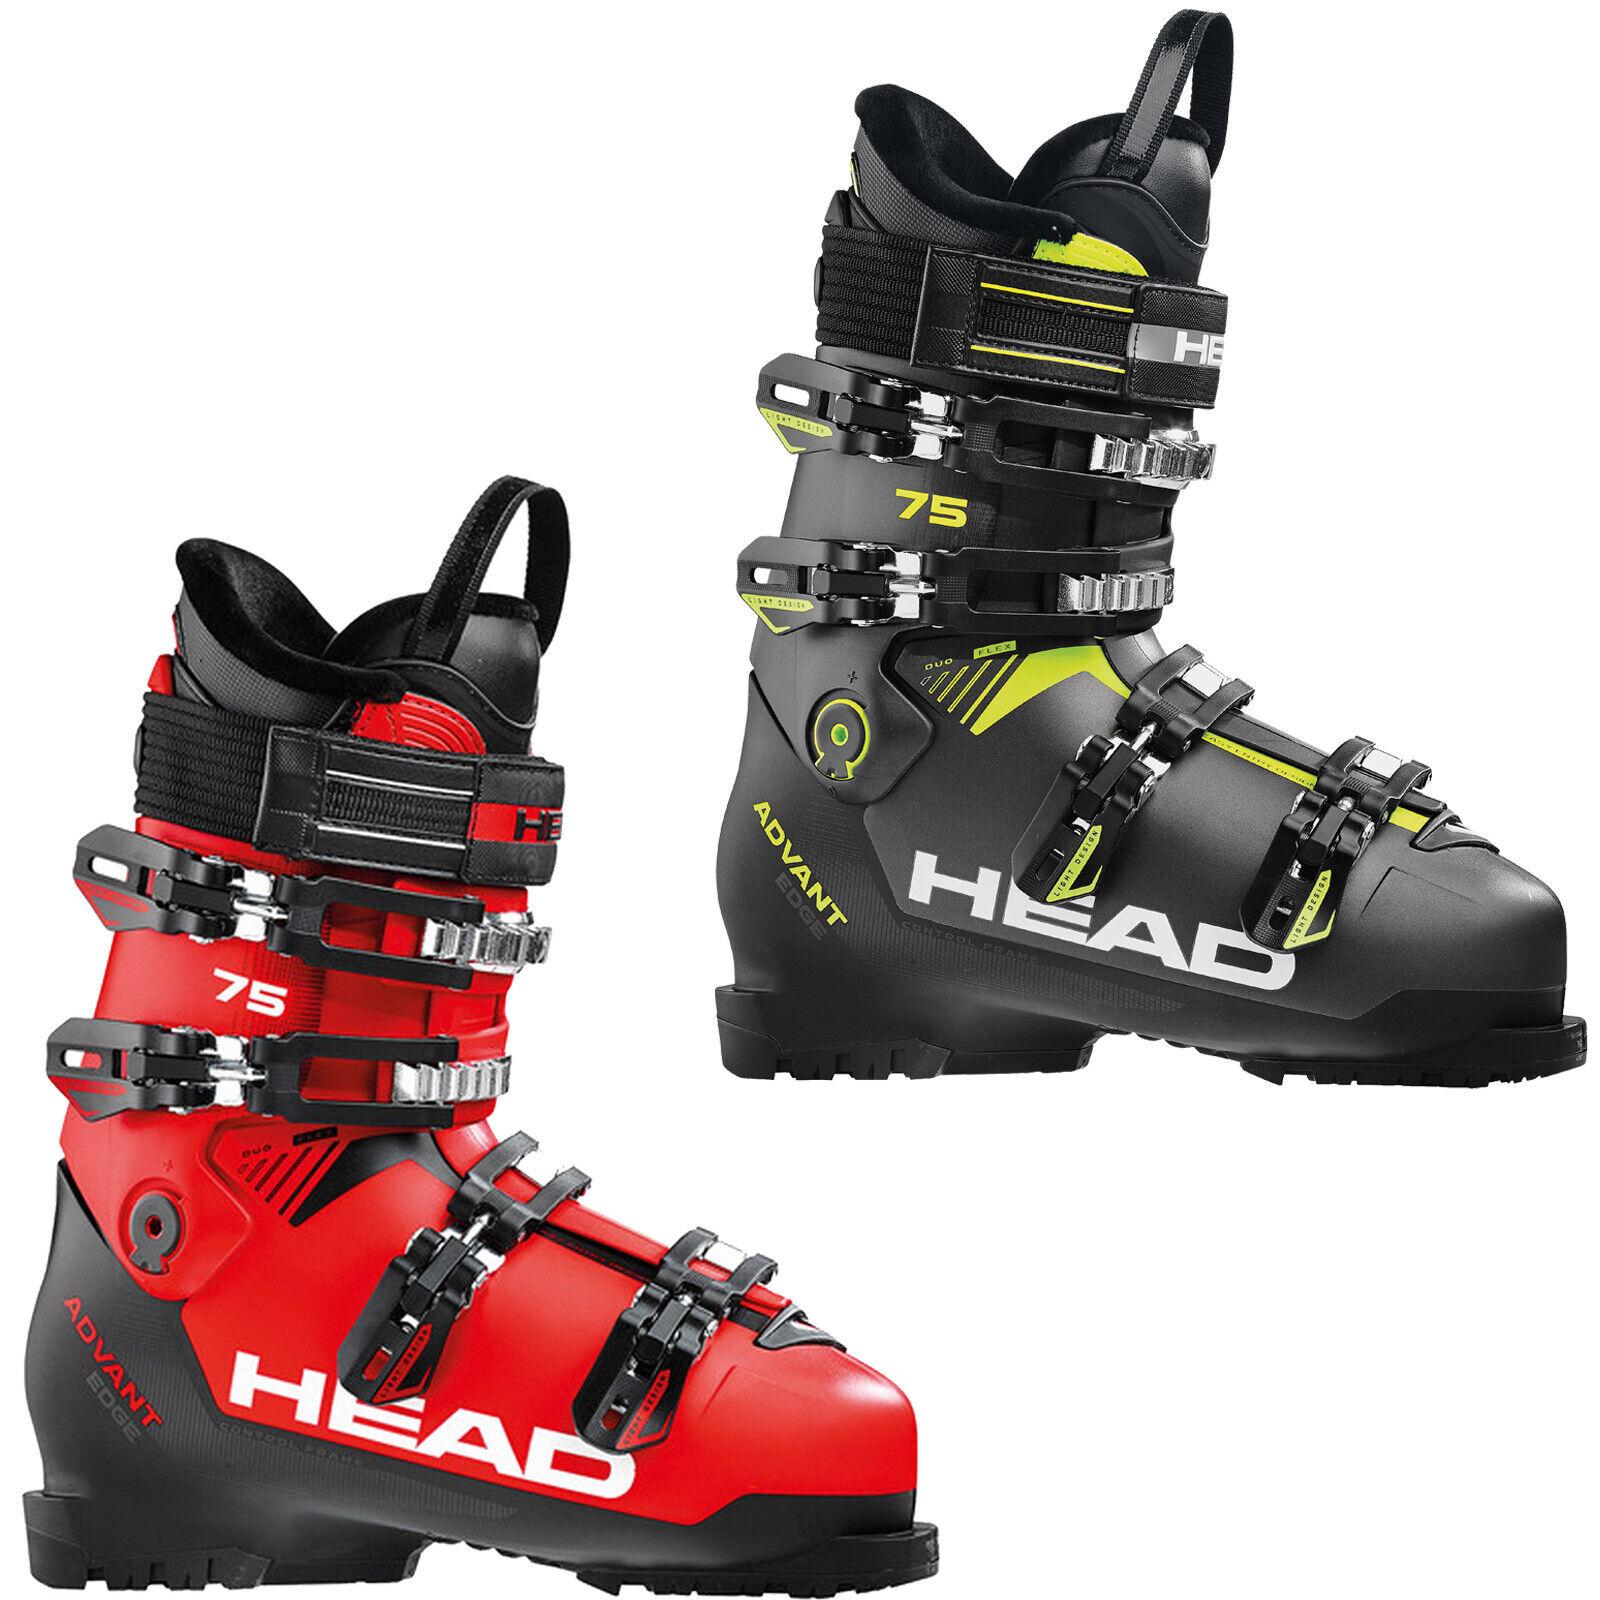 Head Advant Edge 75 mannen's -ski laarzen Ski laarzen Ski laarzen Beginners schoenen